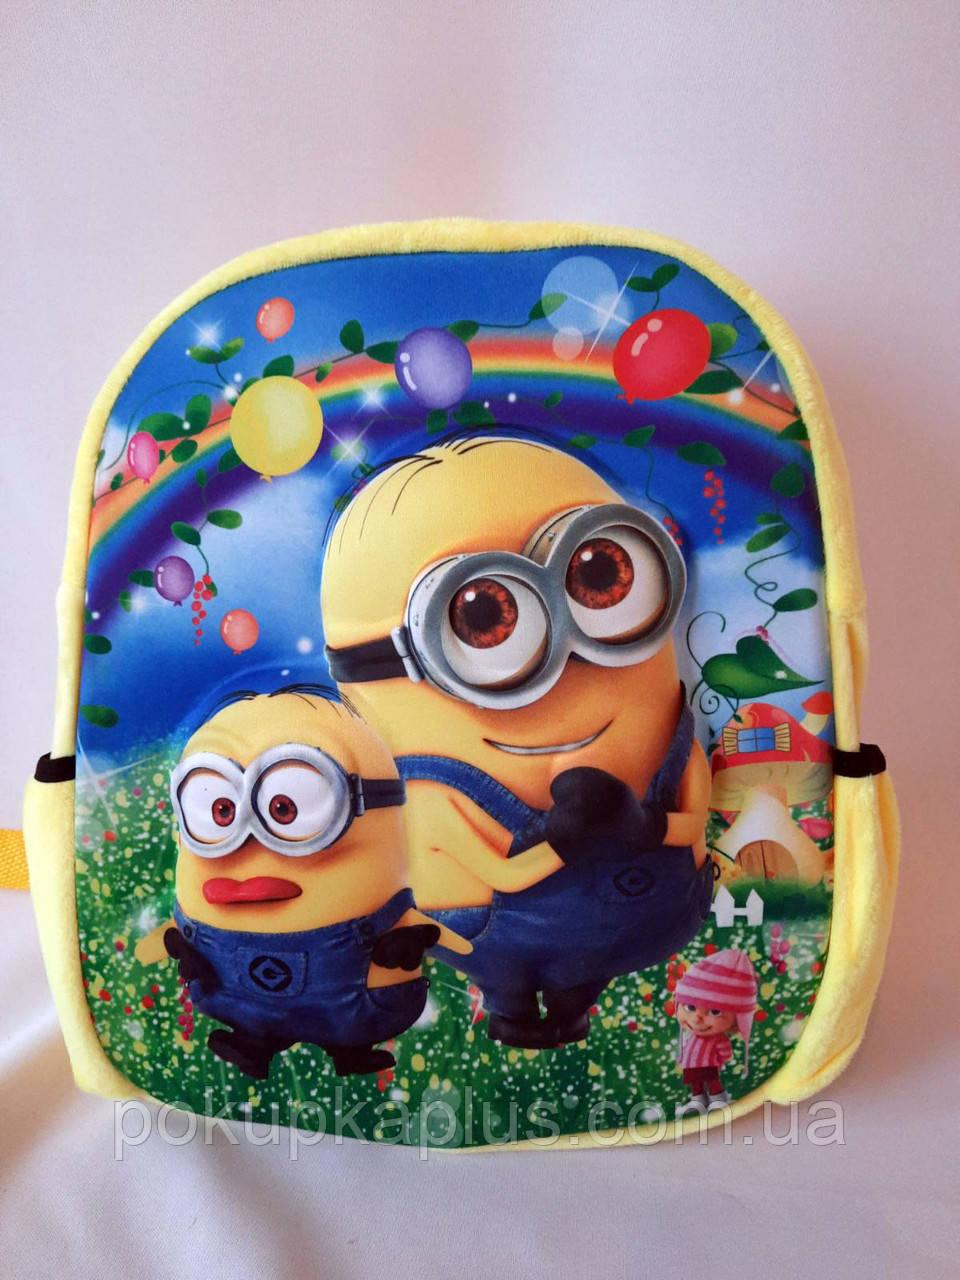 Детский рюкзак мягкий для мальчика Миньон желтый Код К-2